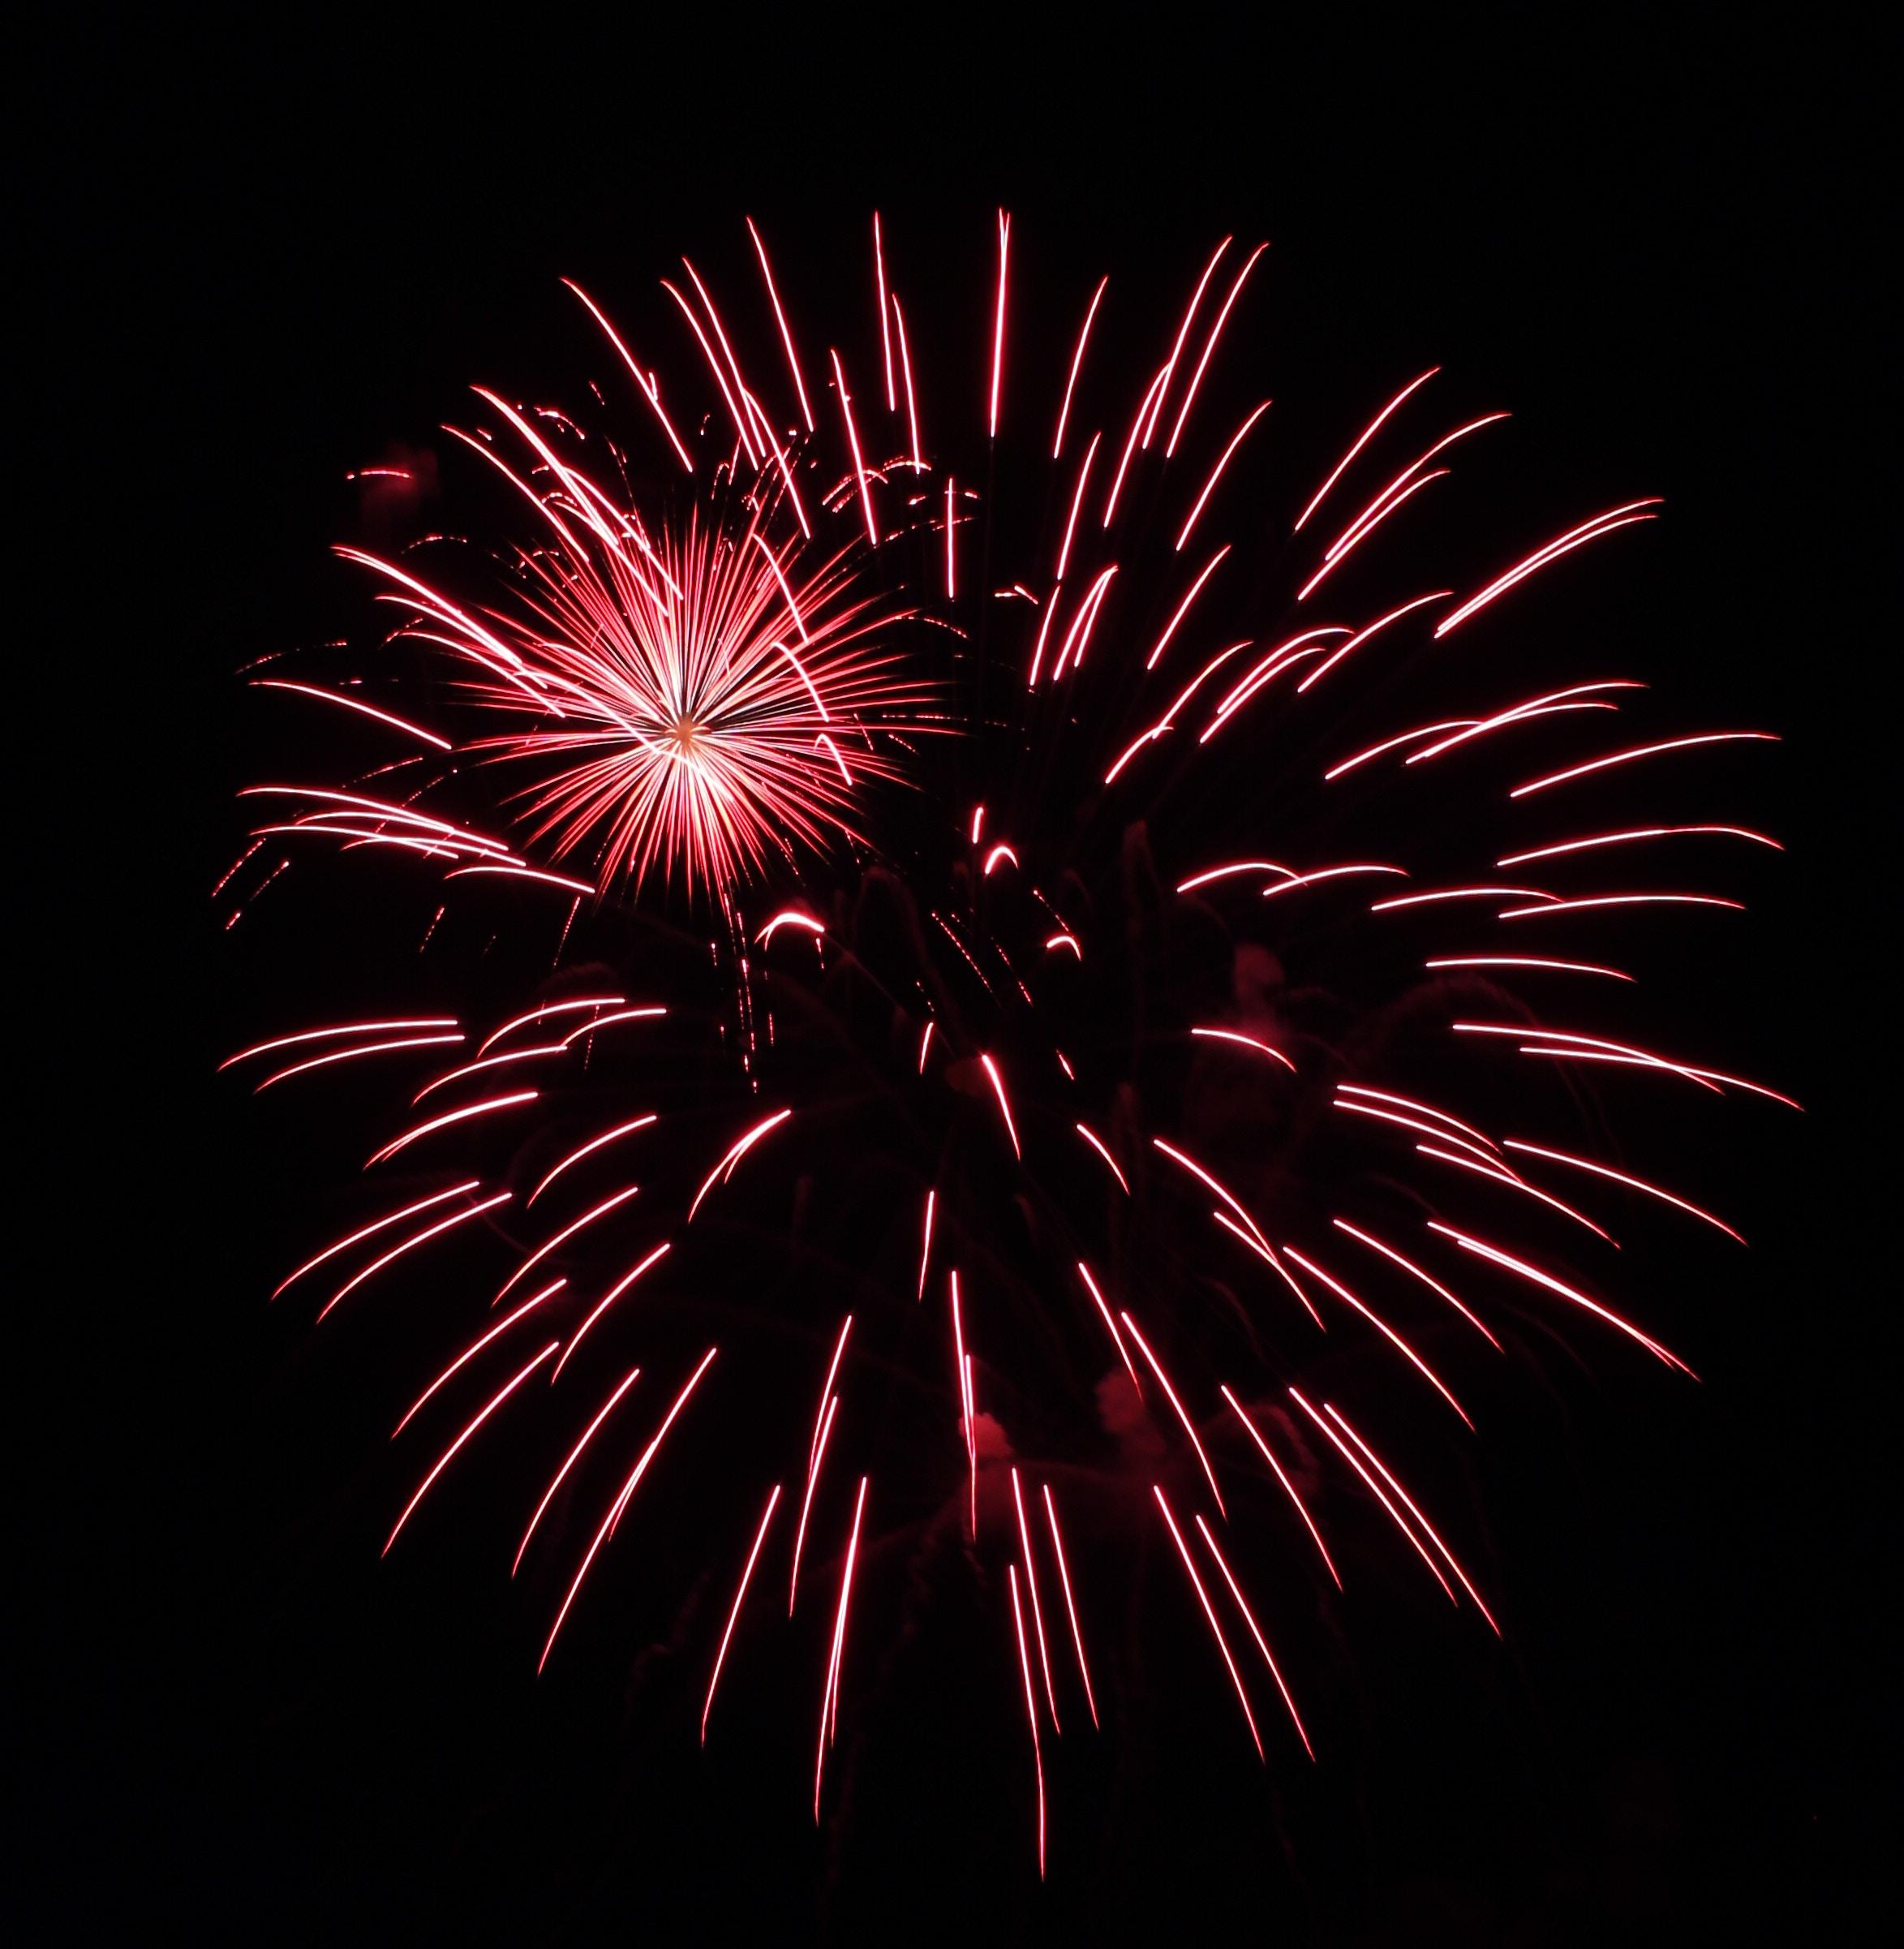 Gambar langit rekreasi kegelapan tahun baru kembang api langit malam rekreasi kegelapan tahun baru kembang api pesta peristiwa tengah malam diwali malam tahun baru voltagebd Images